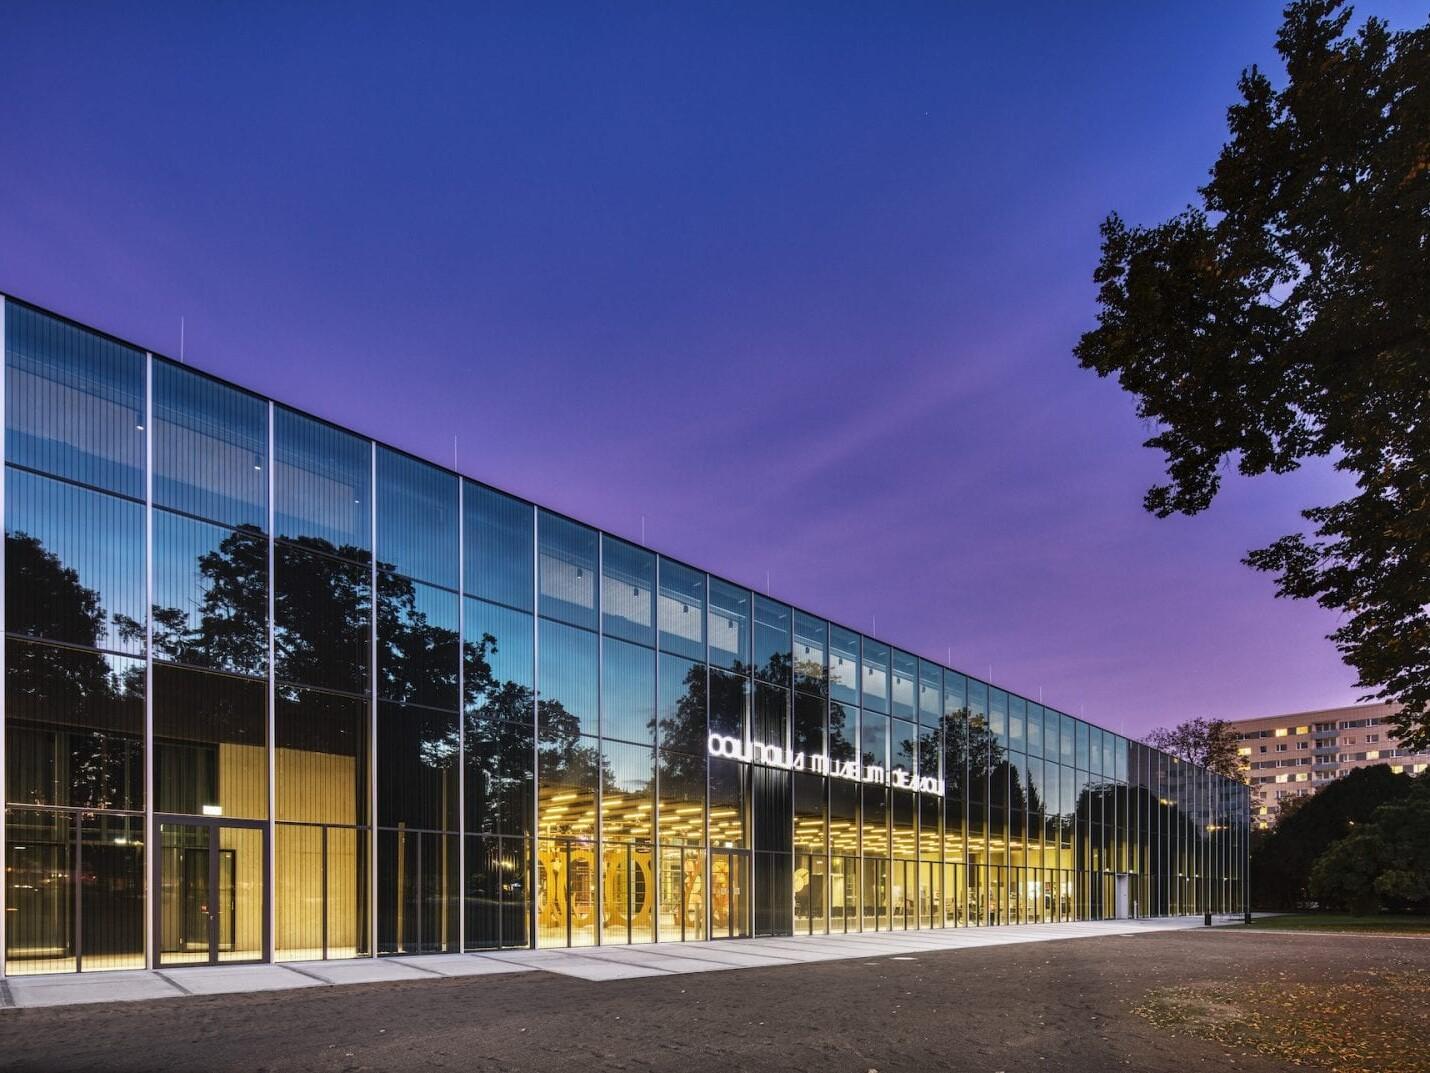 """""""Eine Black Box mit einem Wintermantel aus Glas"""" – so beschreibt Architekt Roberto González, addenda architects, das von seinem Büro entworfene neue Bauhaus Museum Dessau (Foto: Zumtobel)"""